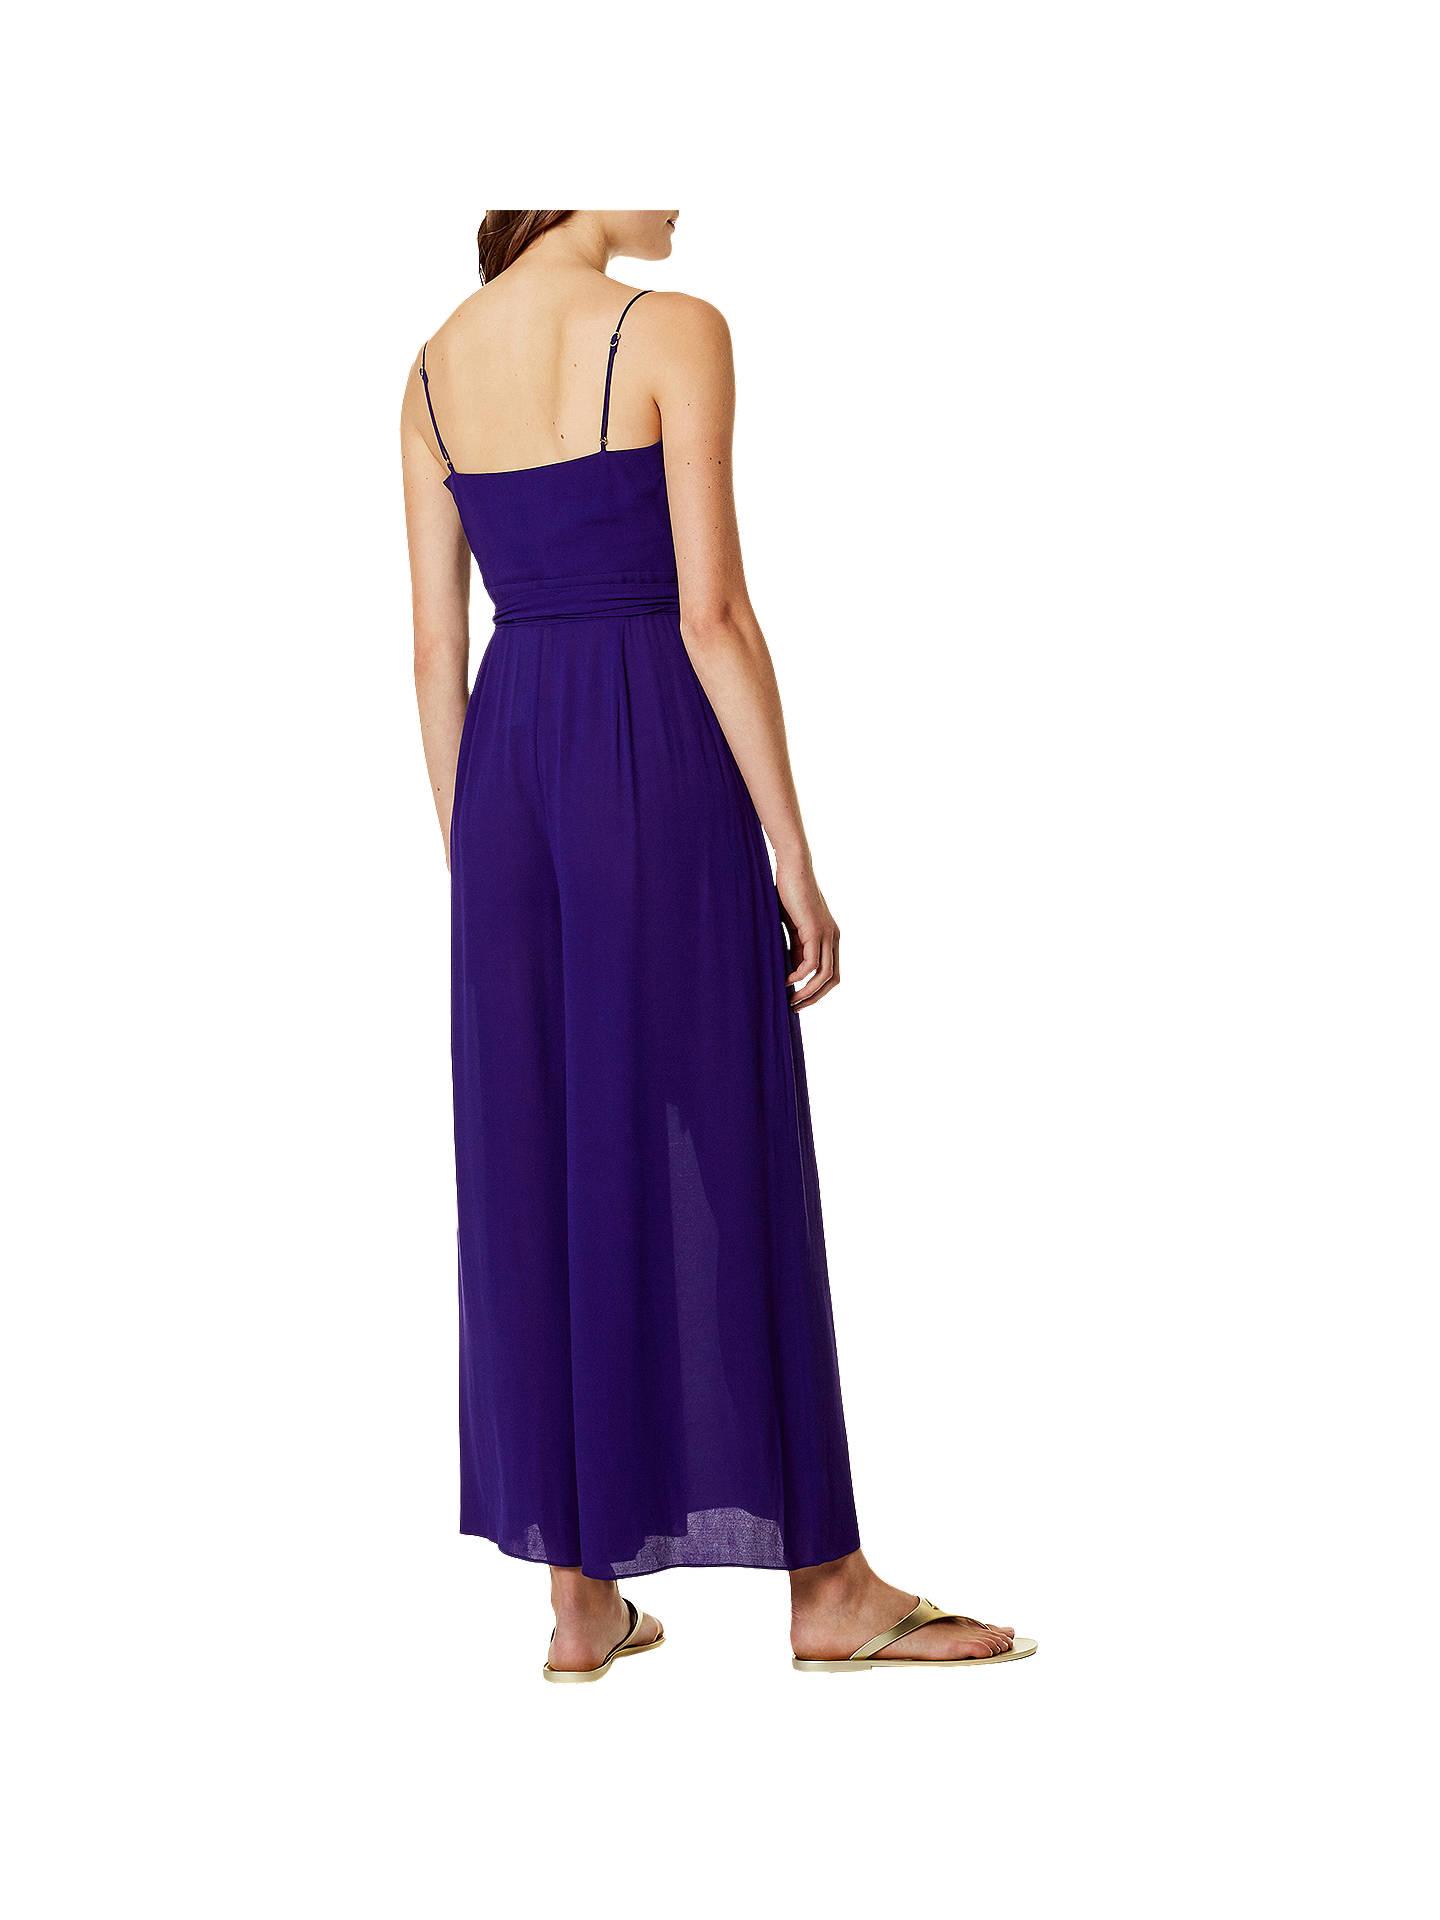 1f158e089a7 ... Buy Karen Millen Wide Leg Jumpsuit